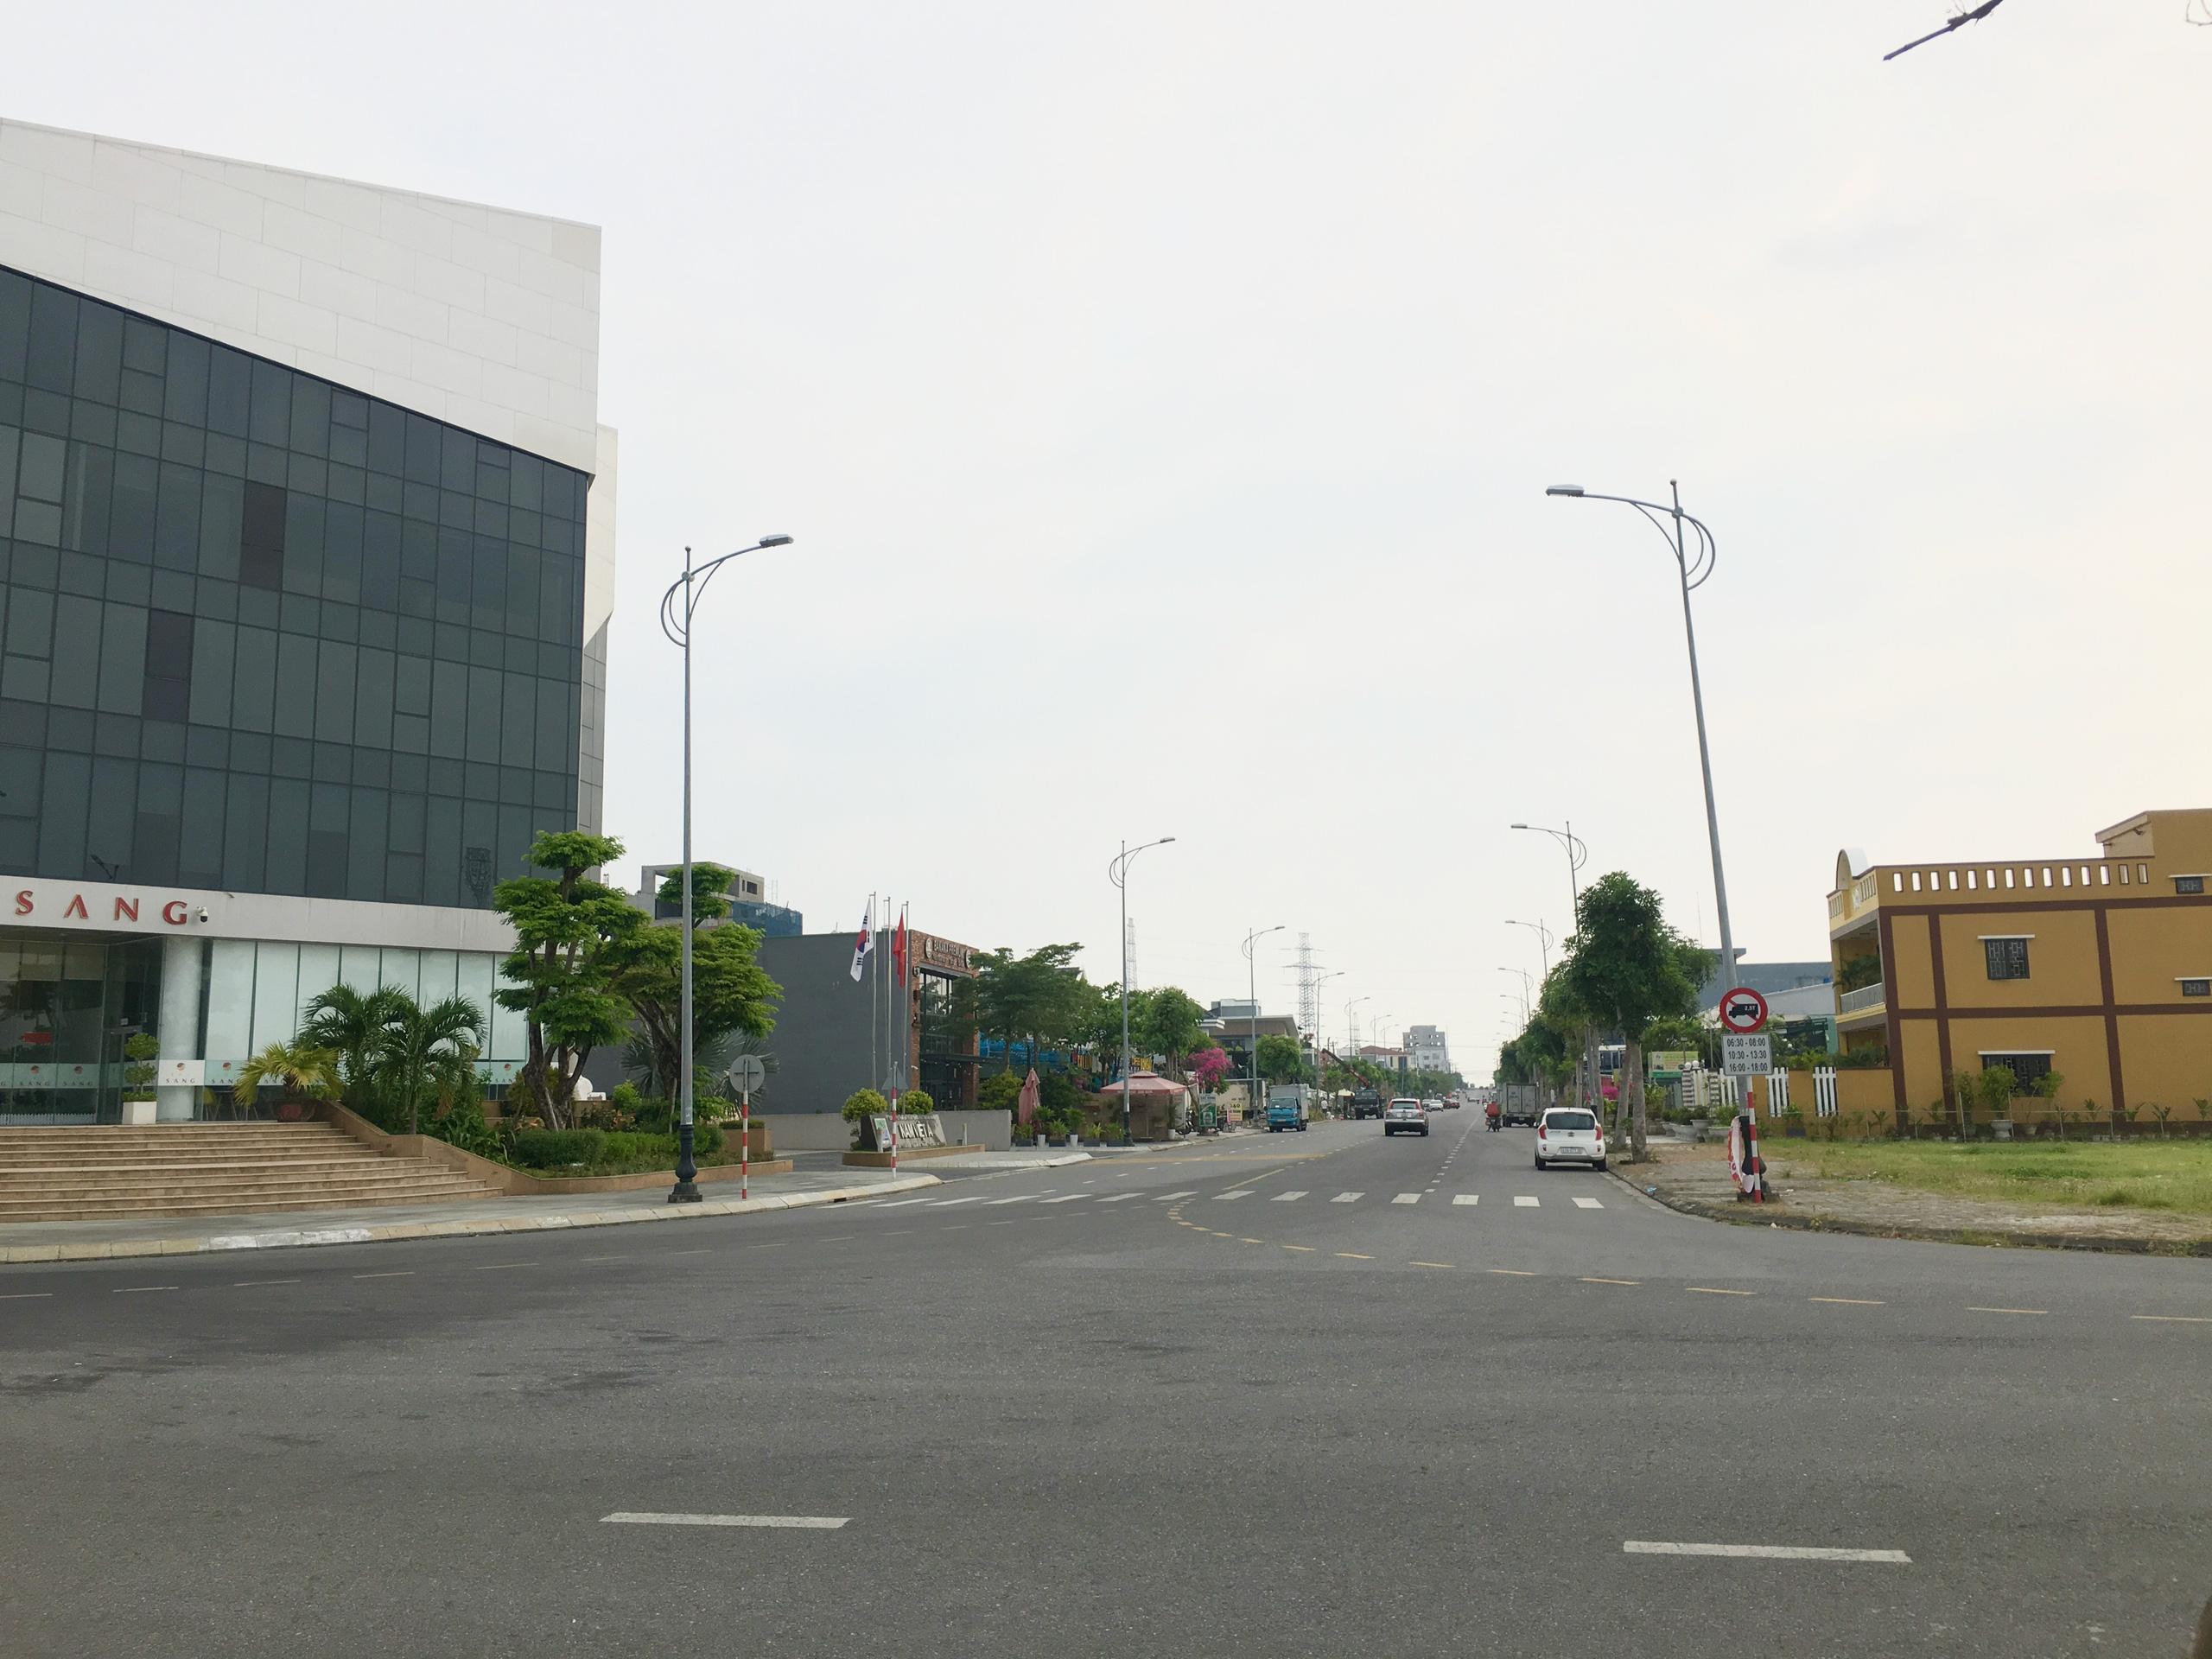 Cận cảnh nơi Đà Nẵng quy hoạch đến 2030 sẽ làm cầu từ đường Bùi Tá Hán qua Hòa Xuân - Ảnh 14.